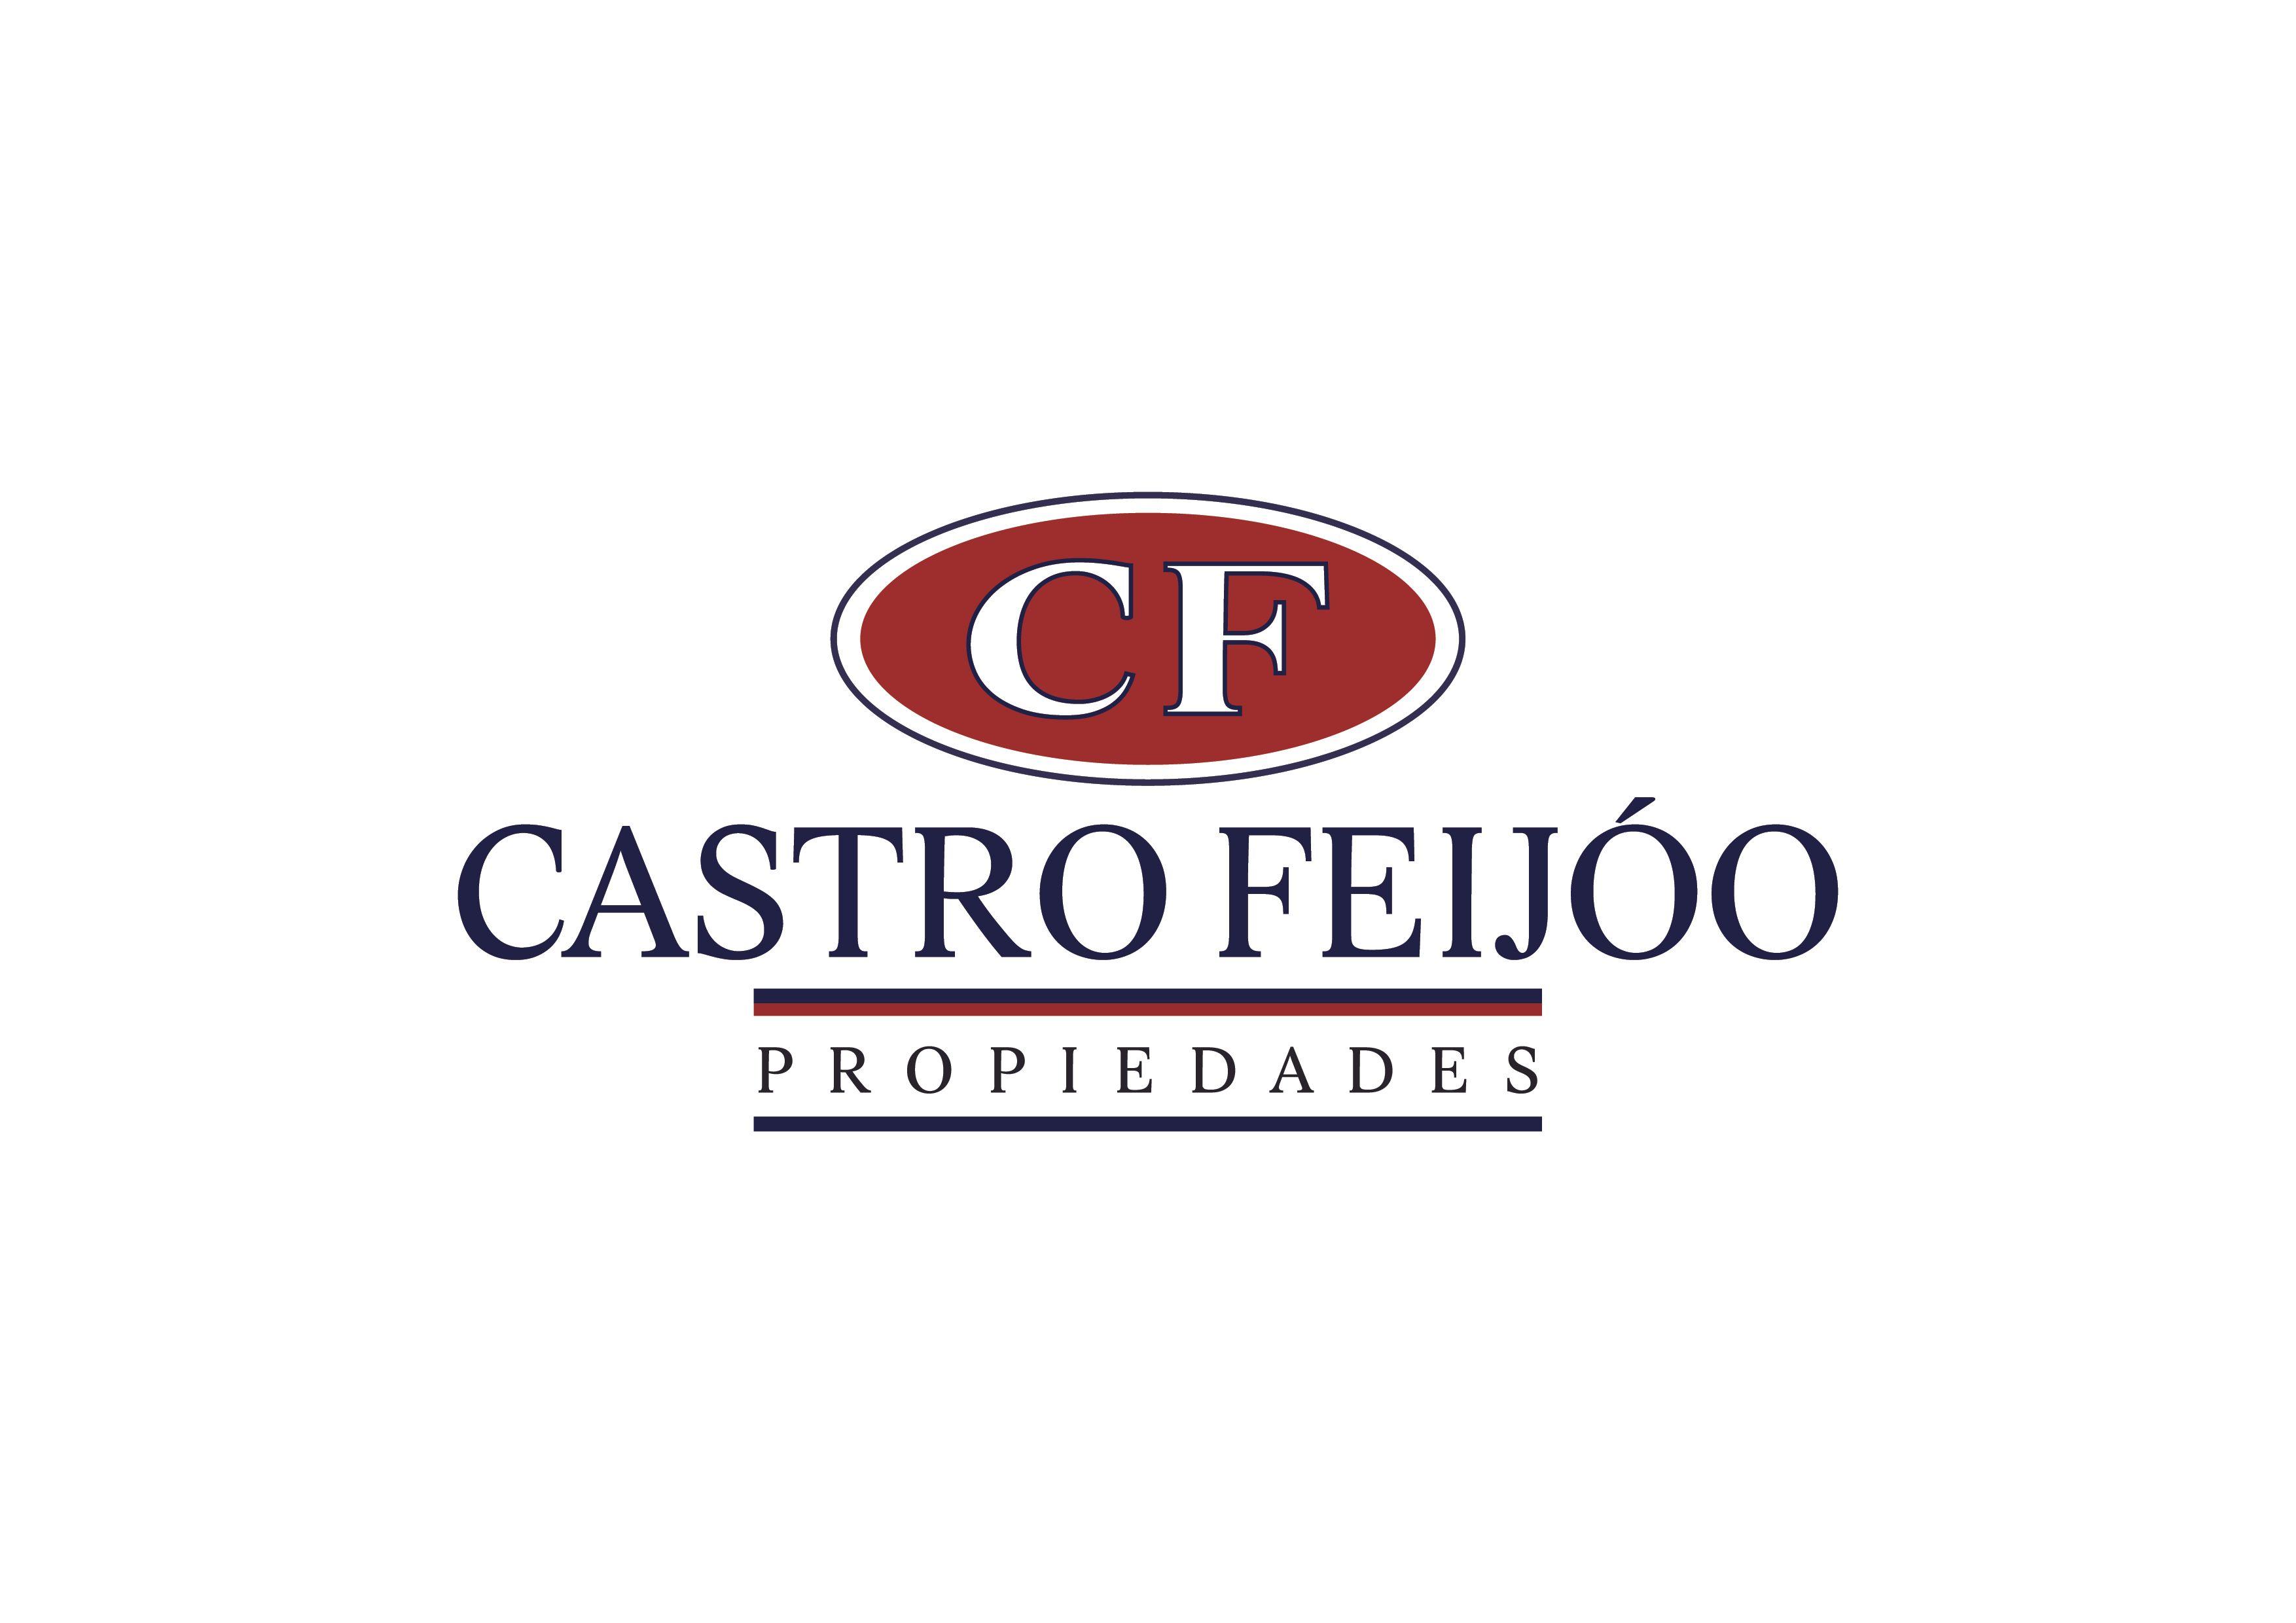 Logo de  Castro Feijoo Propiedades  Cf